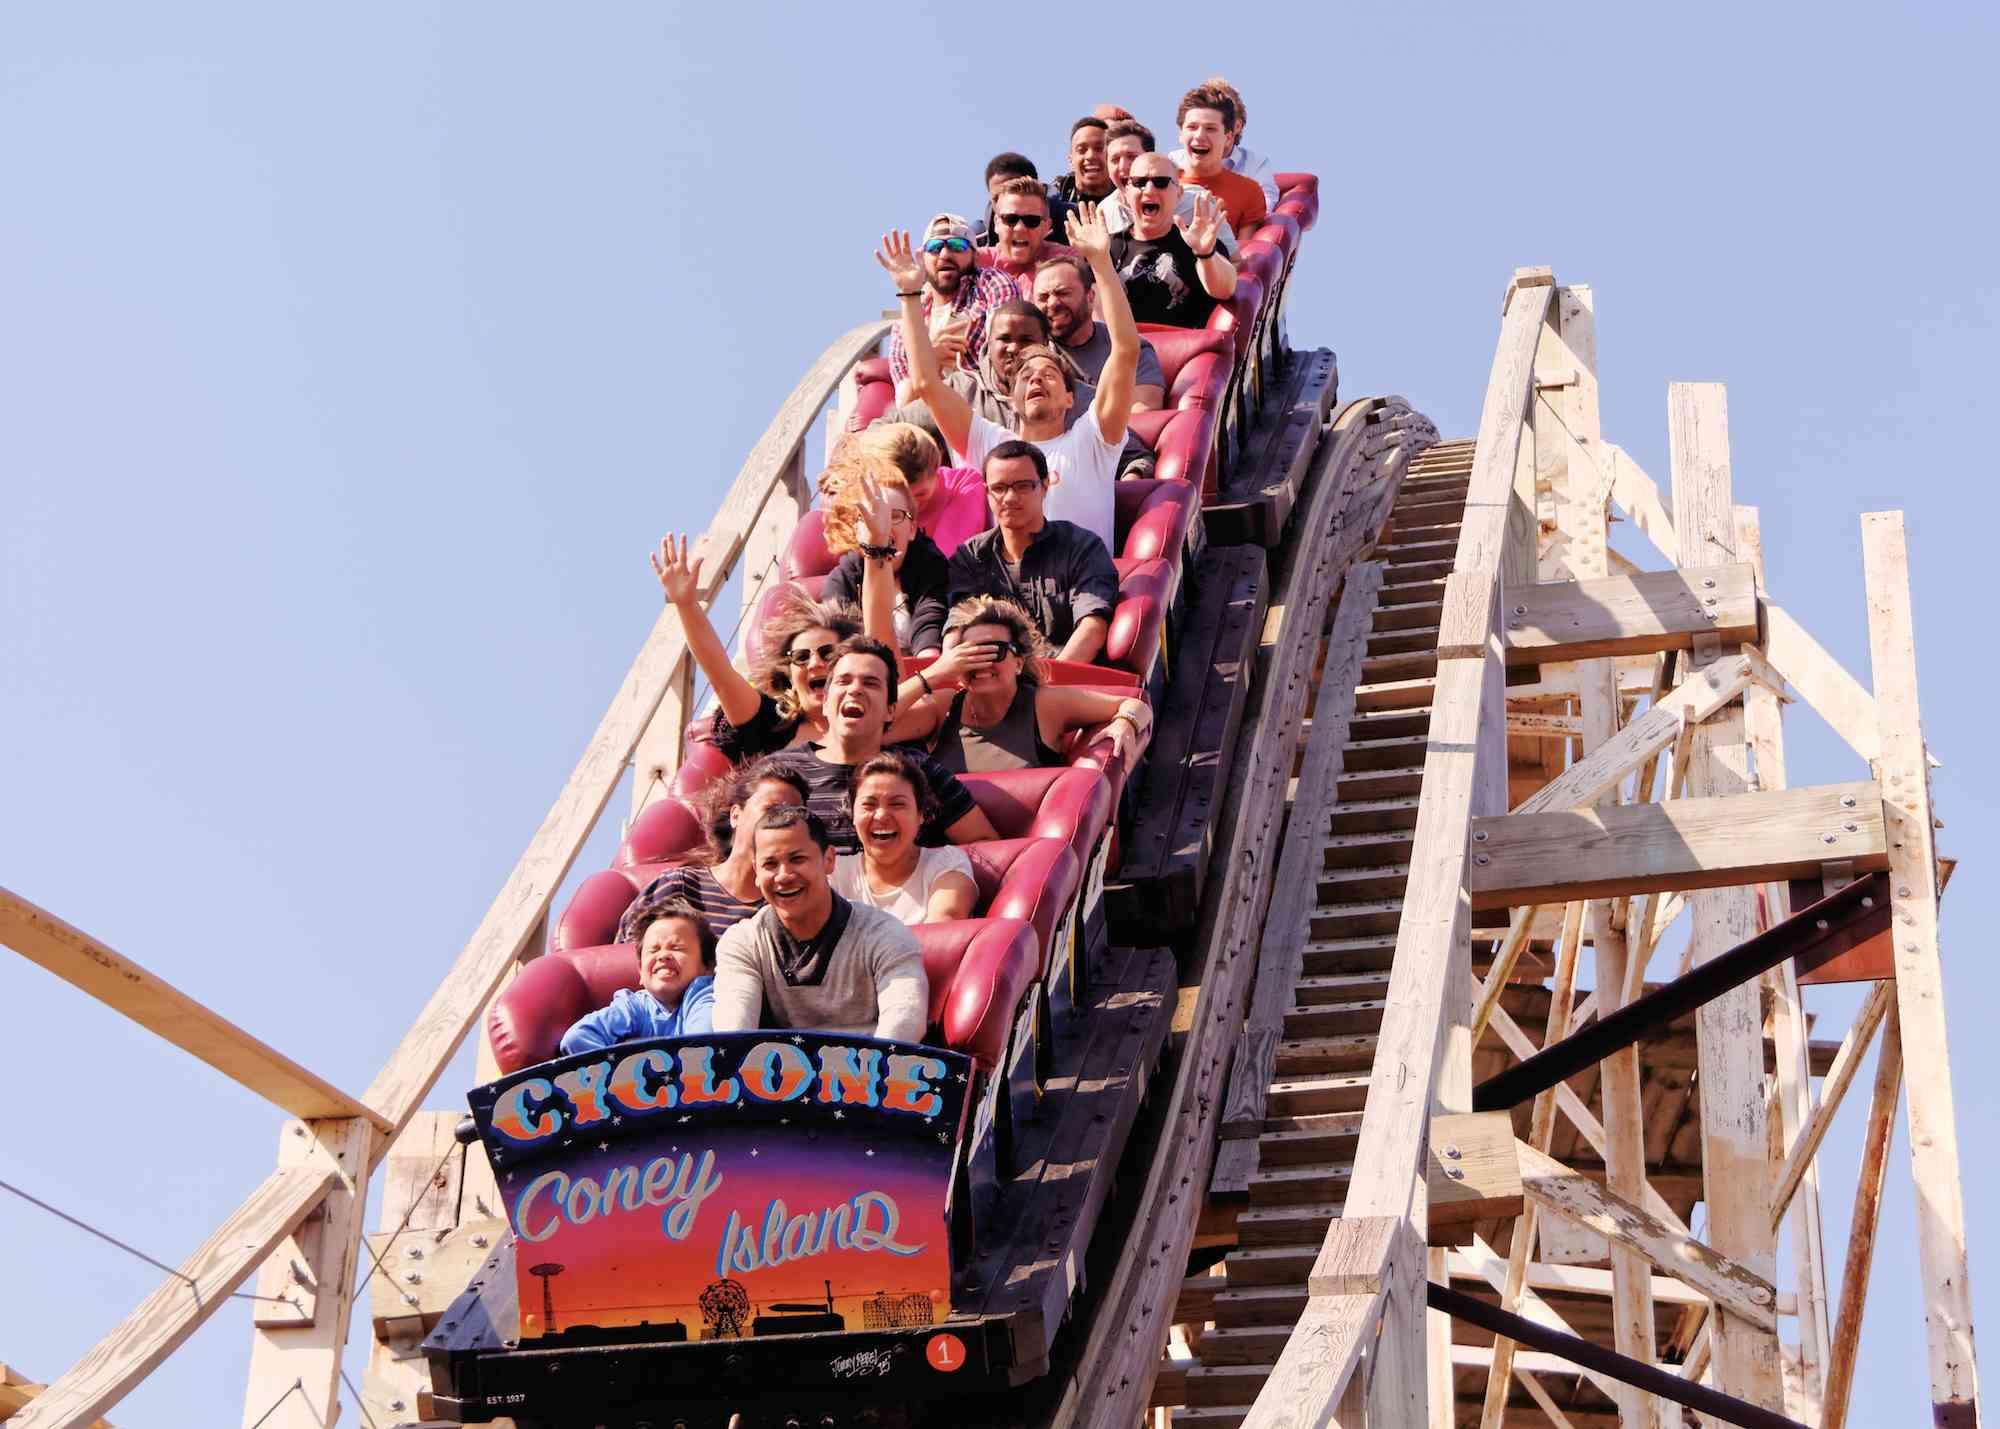 Coney Island Cyclone coaster